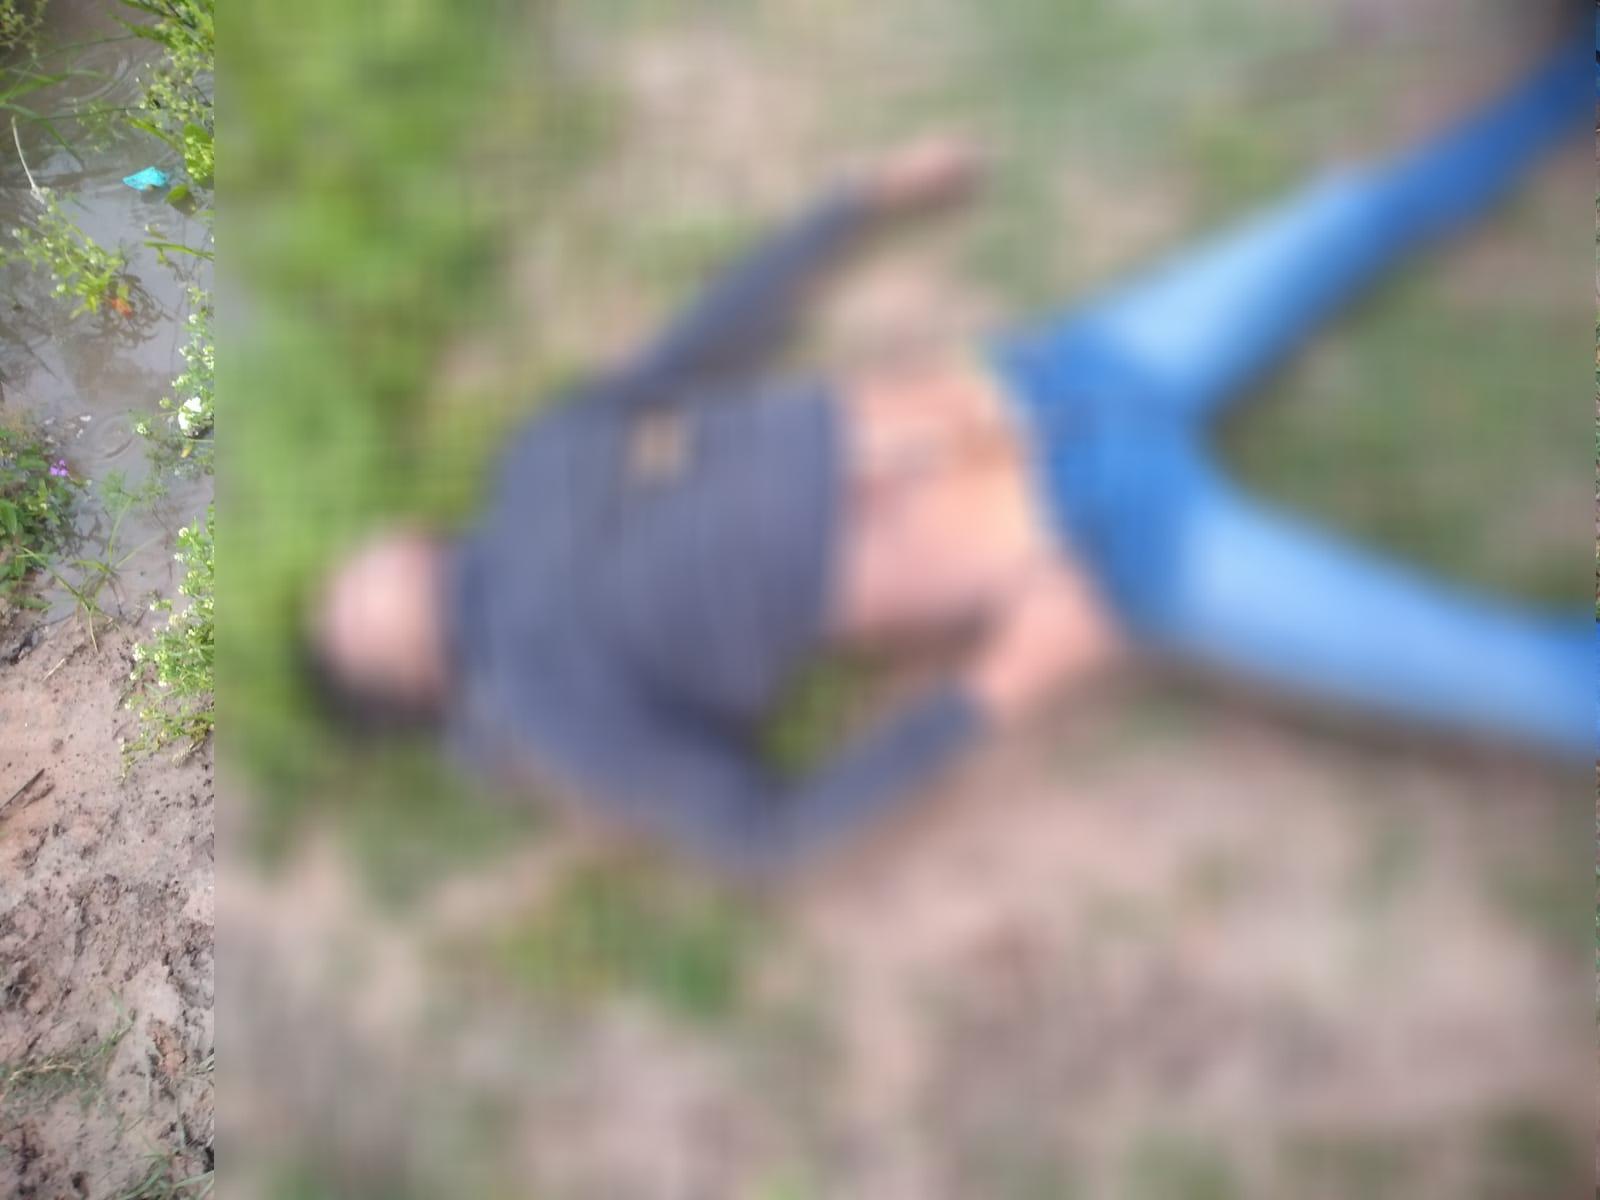 Murió electrocutado cuando trataba de robar cables